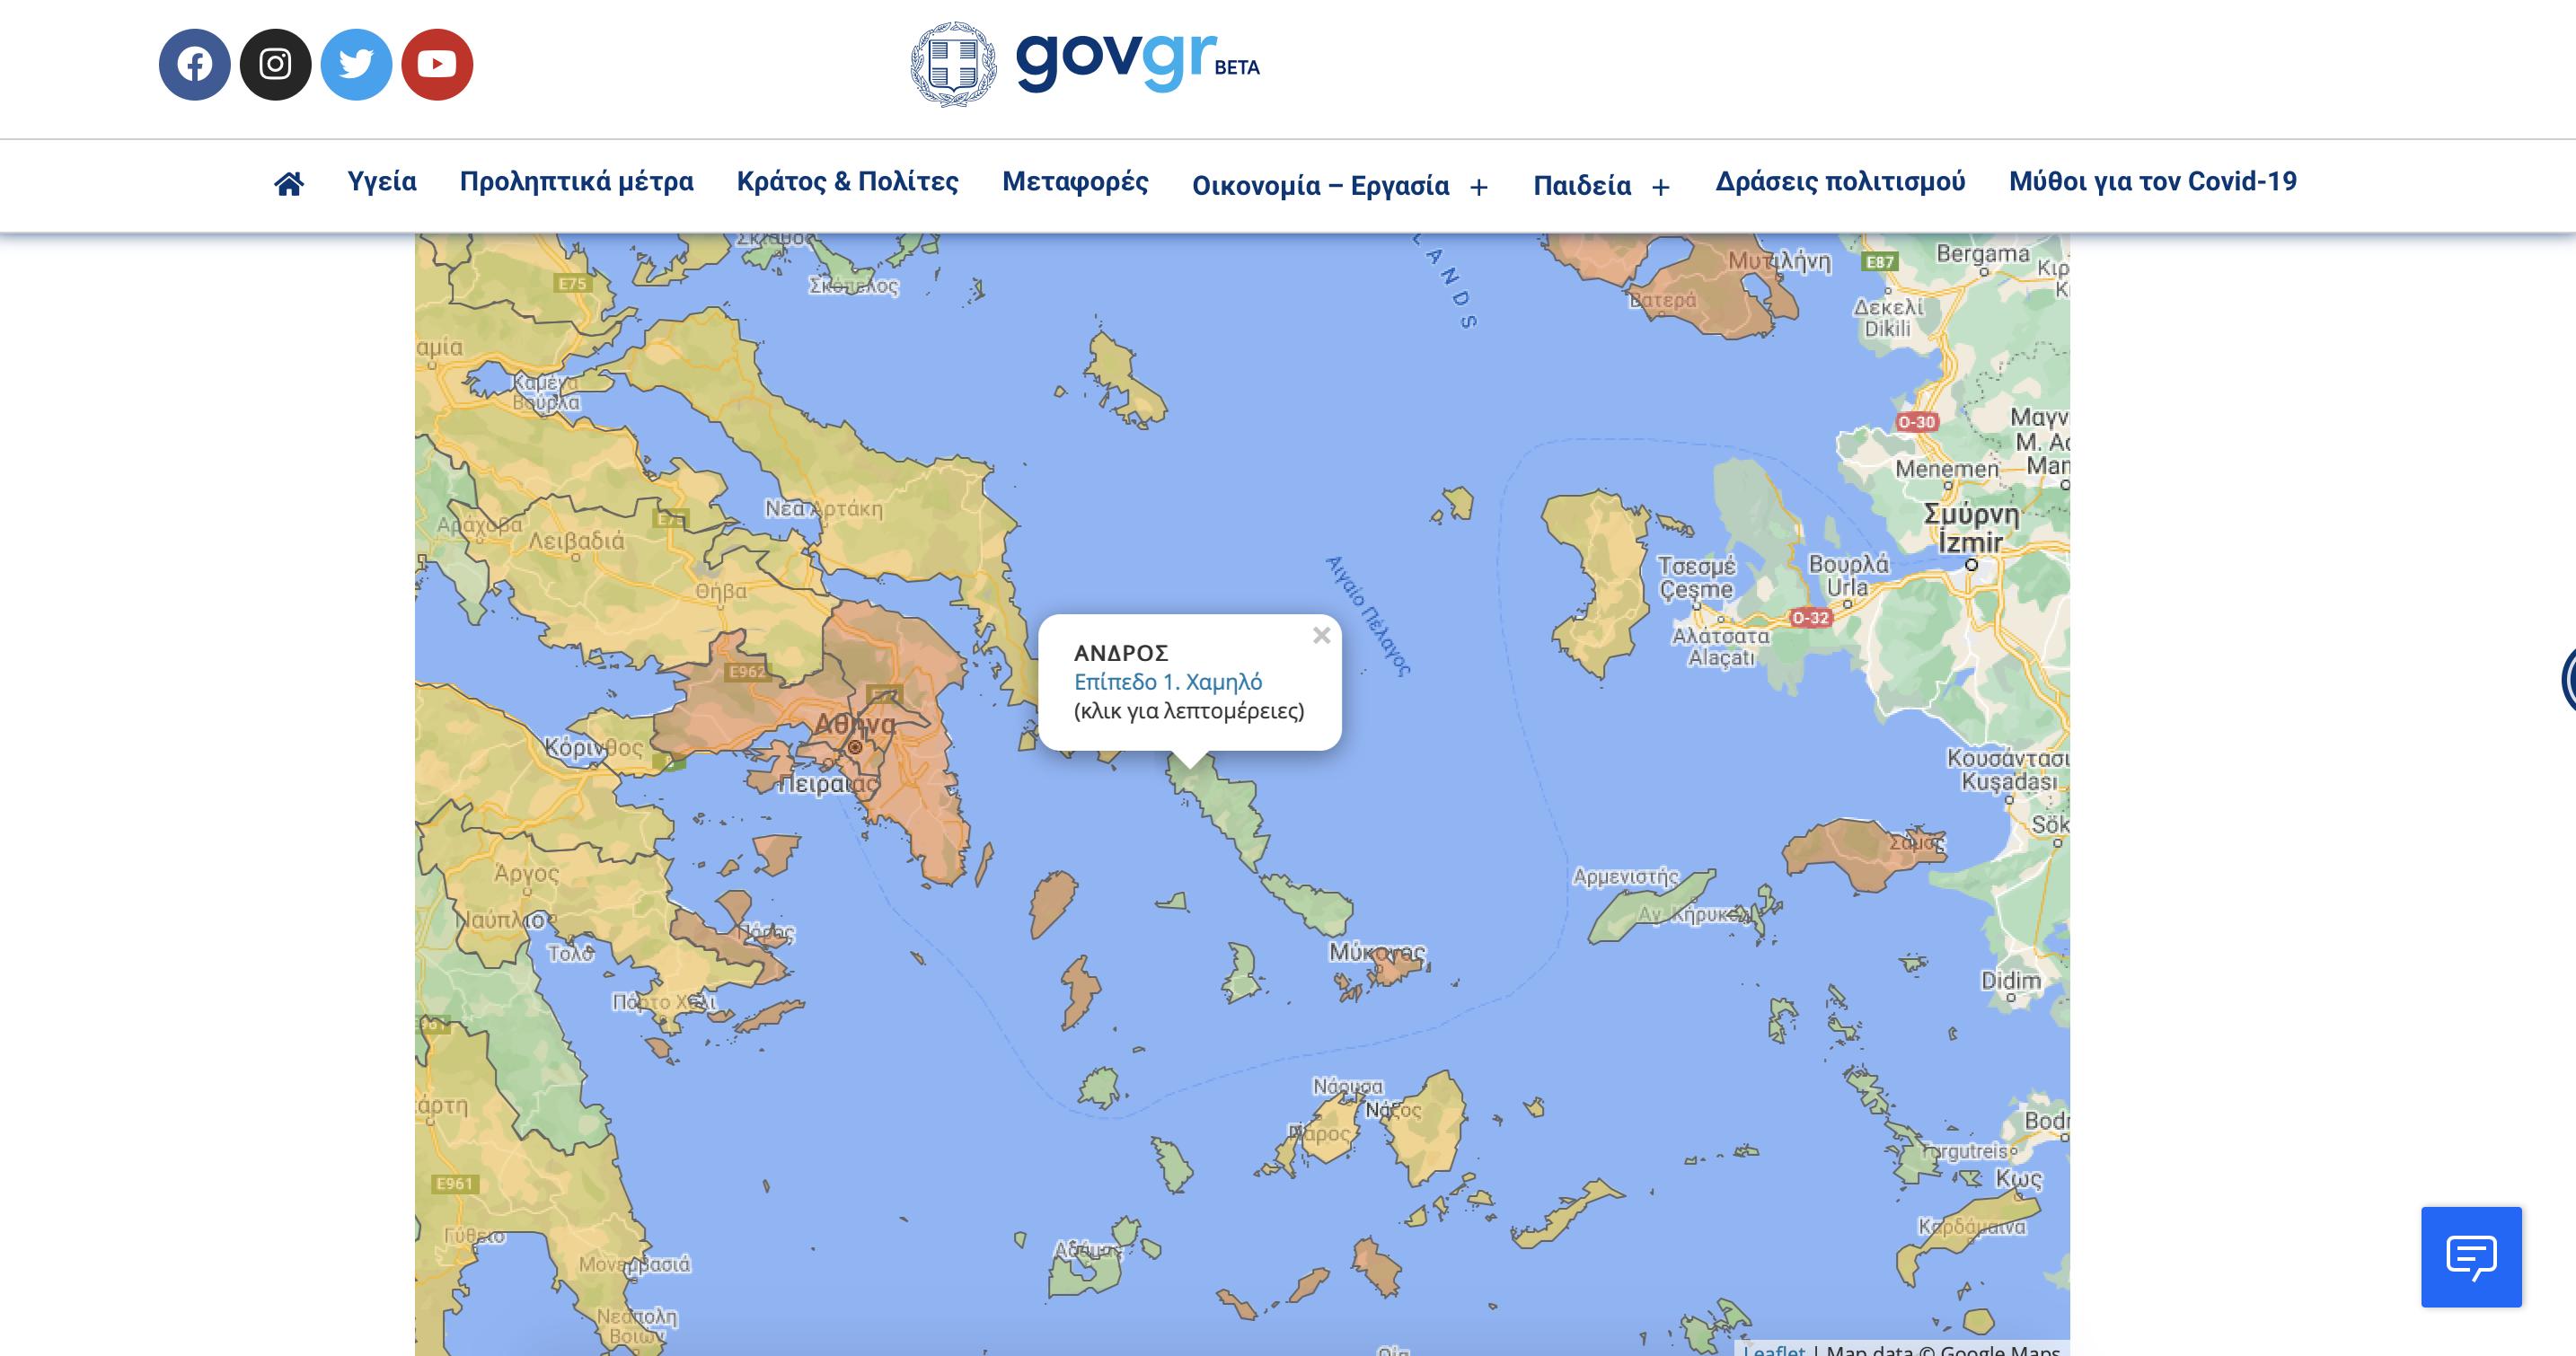 Πιερρακάκης: Αυτός είναι ο διαδραστικός χάρτης προστασίας για τον κορωνοϊό - Πώς λειτουργεί